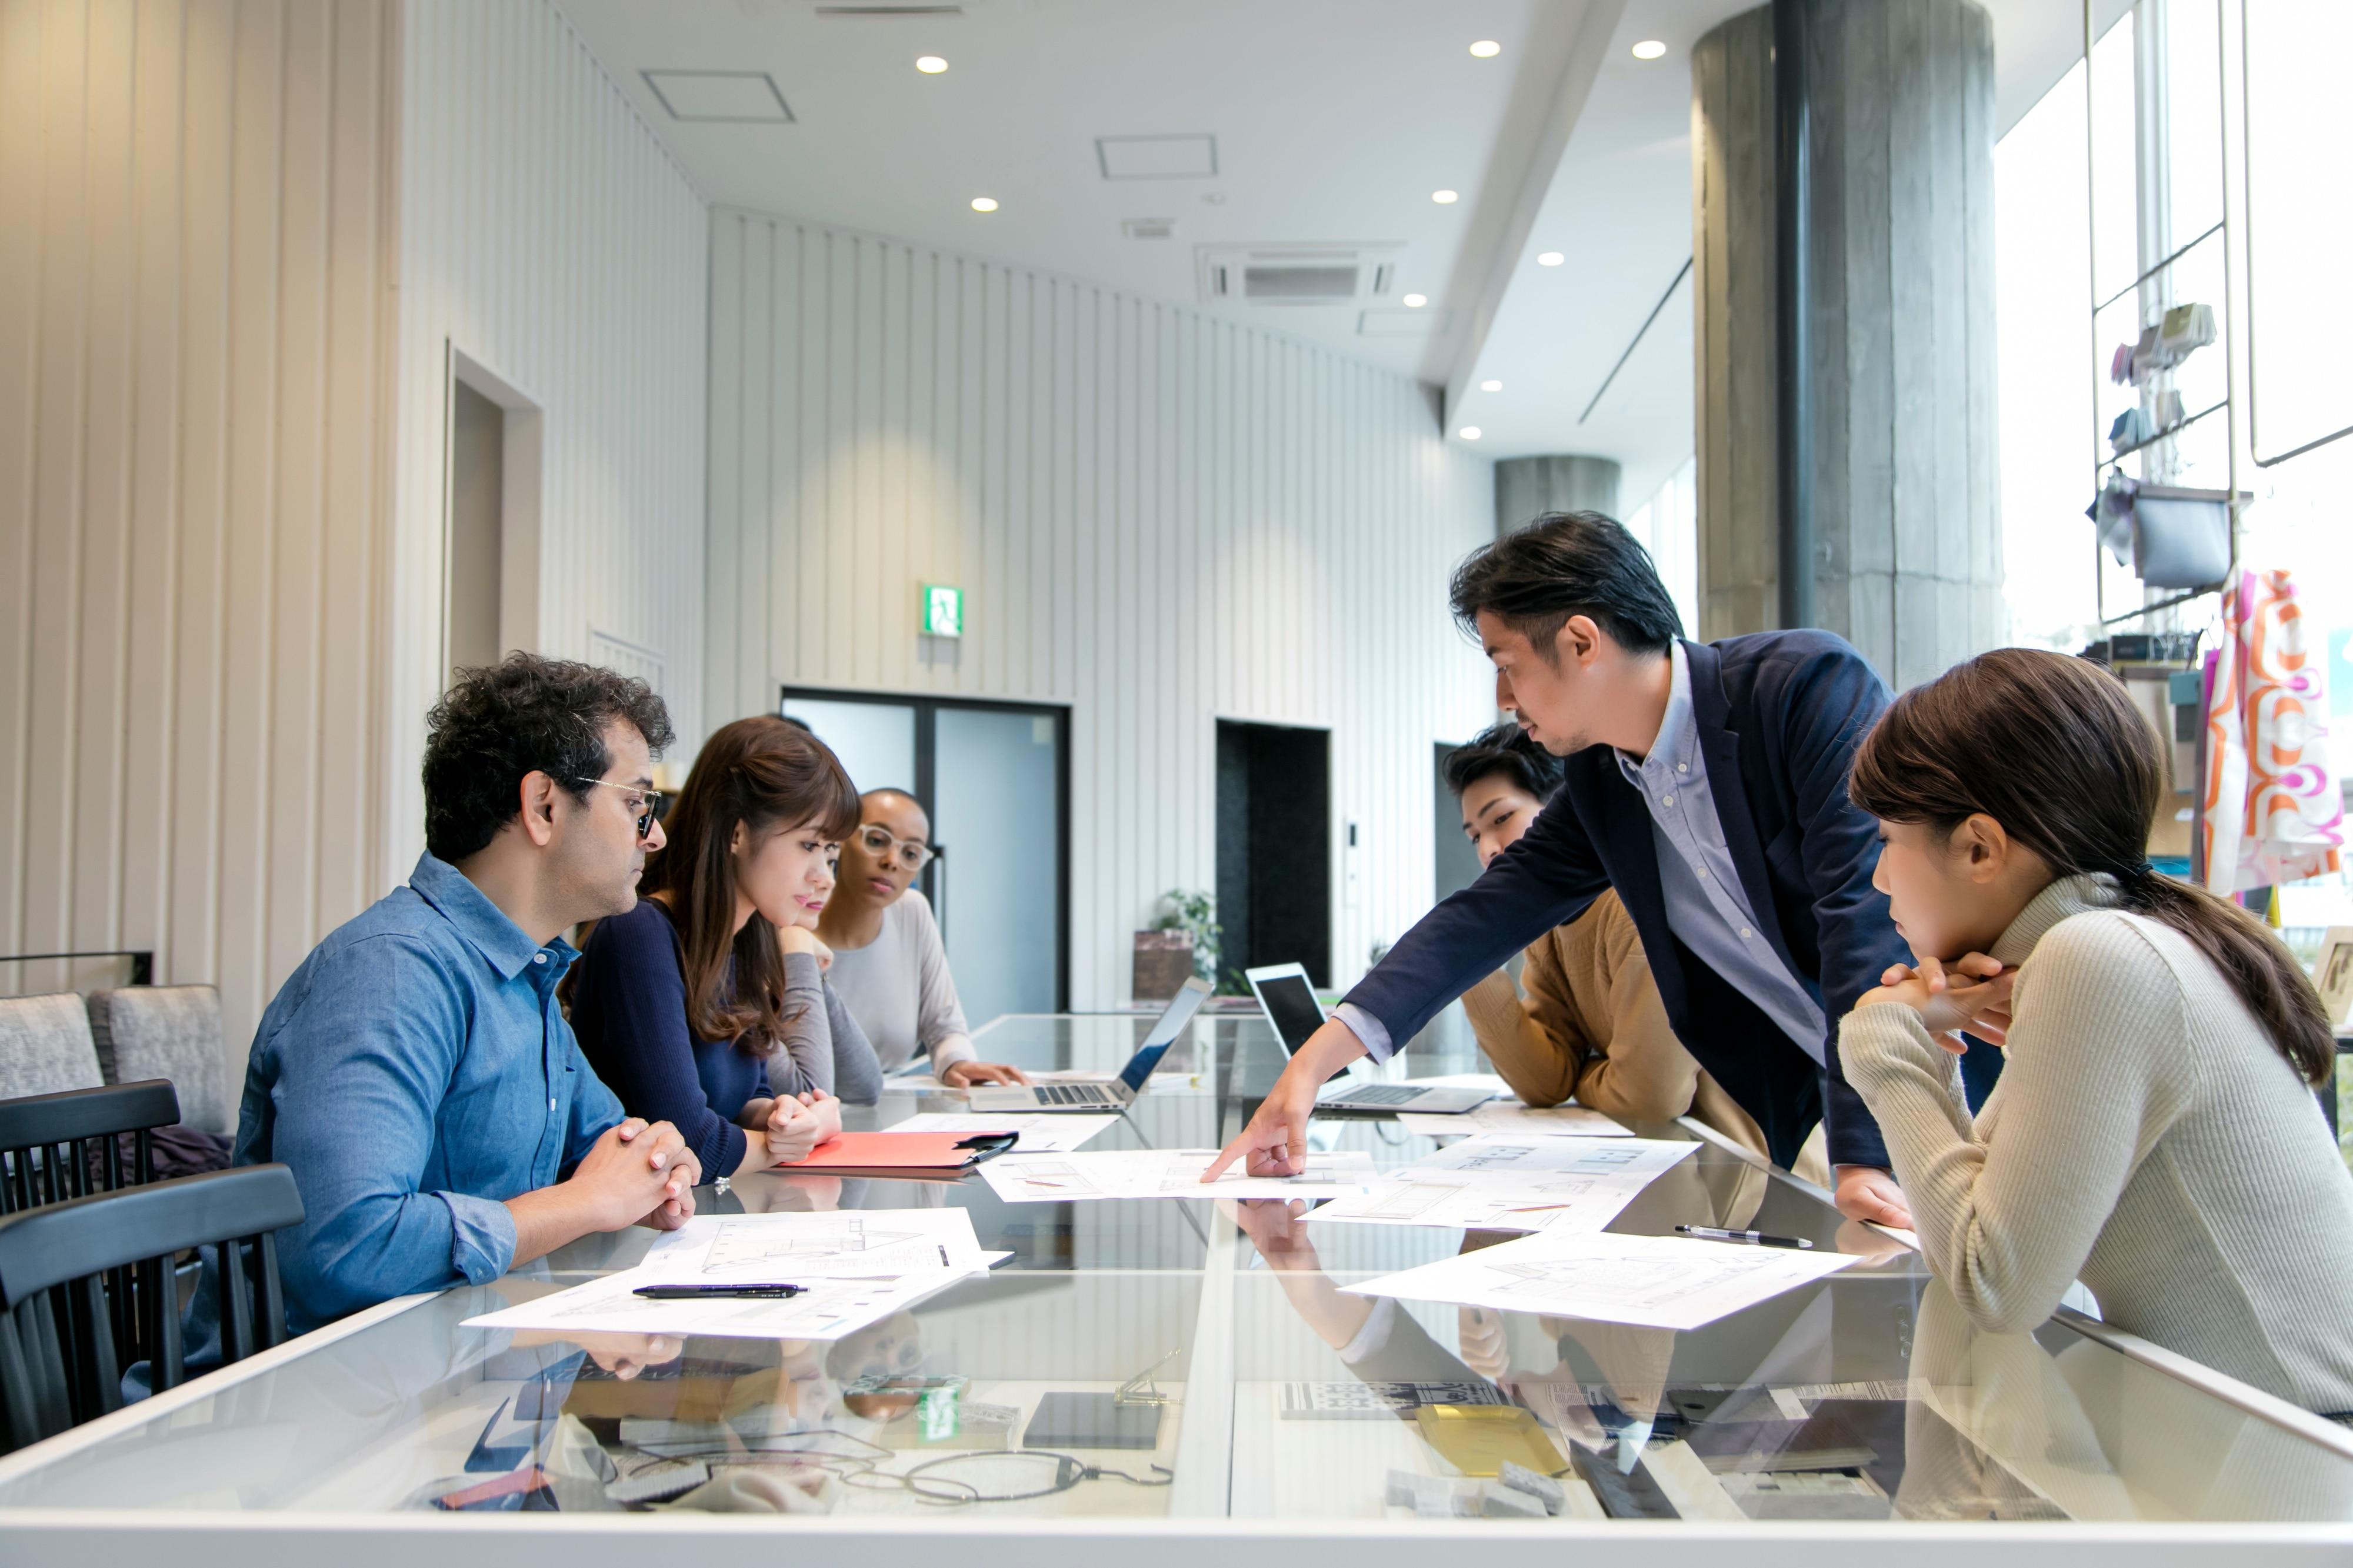 初めて産業医を選任する会社必見!産業医の業務内容や探し方のイメージ写真